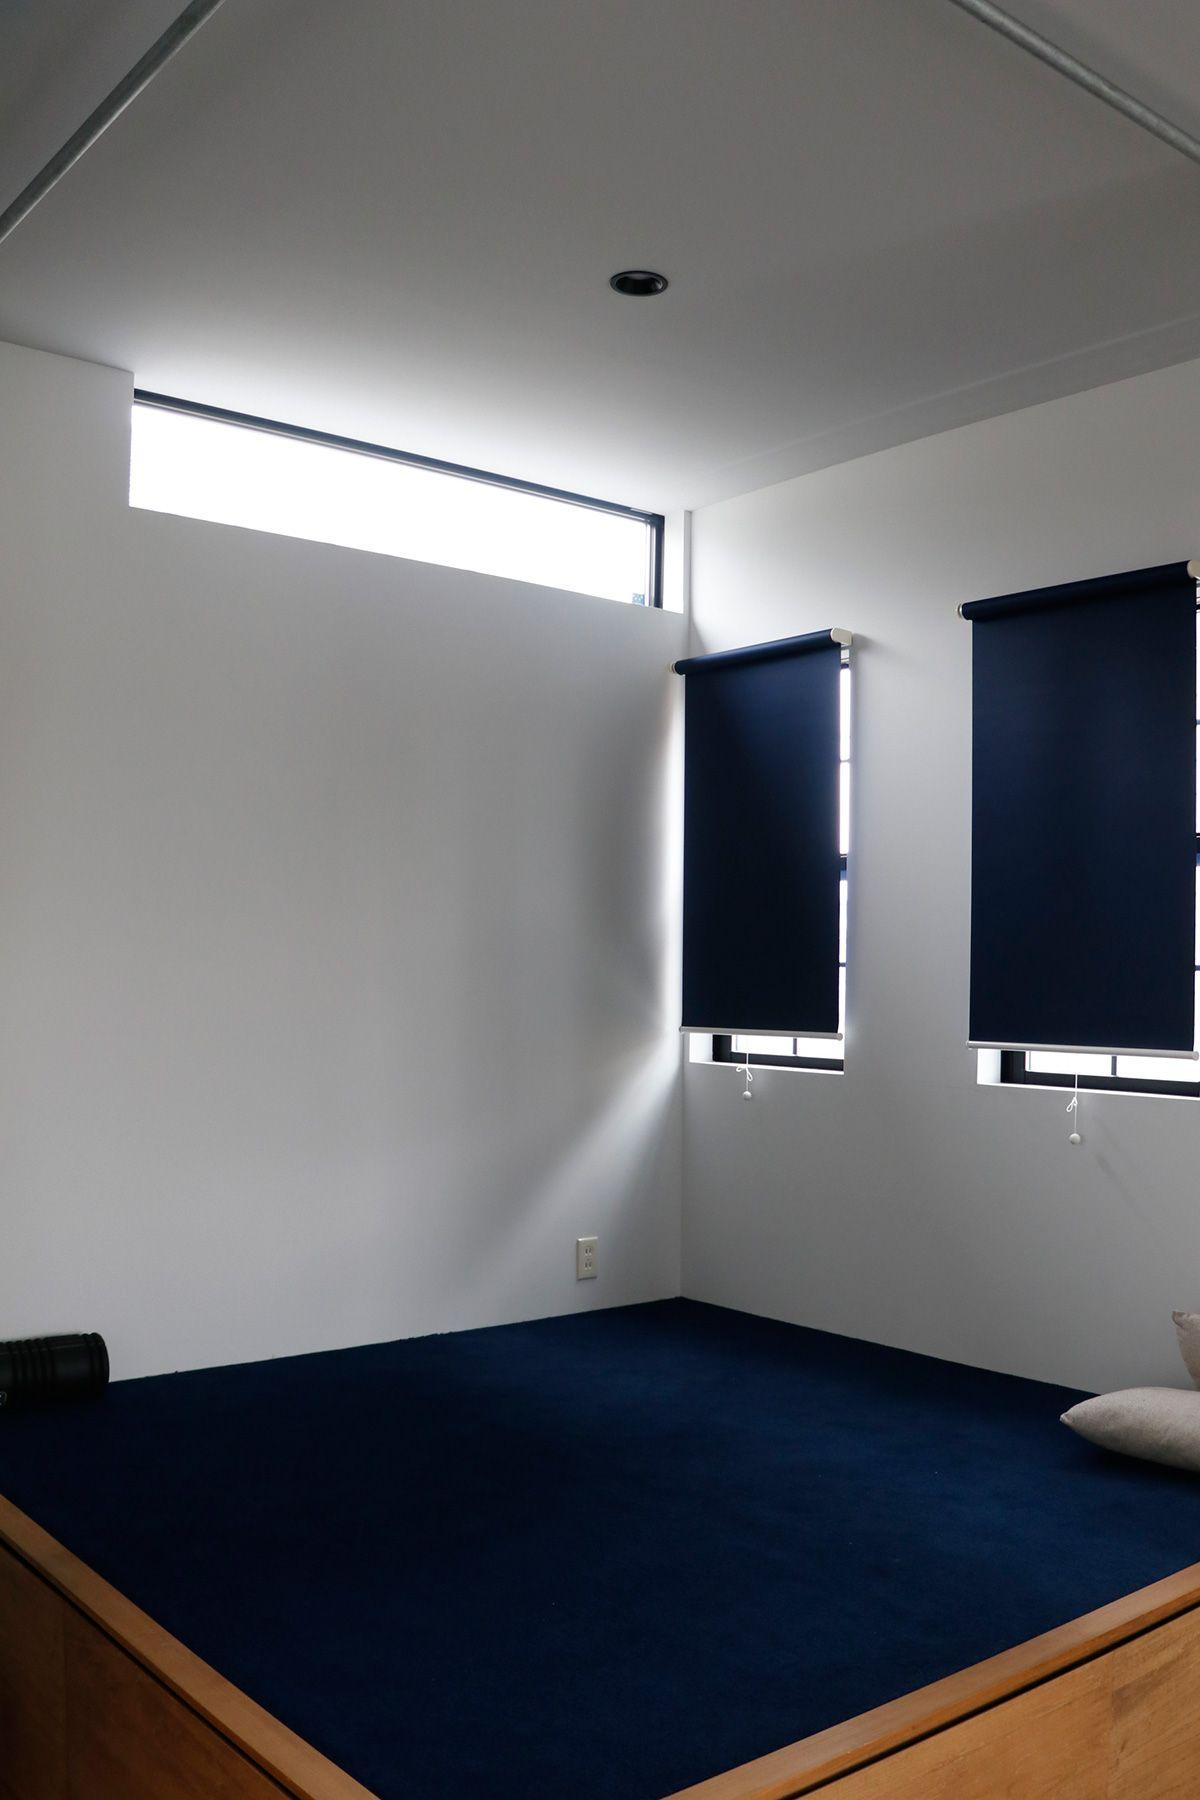 鎌高サーフハウス/個人宅2F 小上がりなスペース